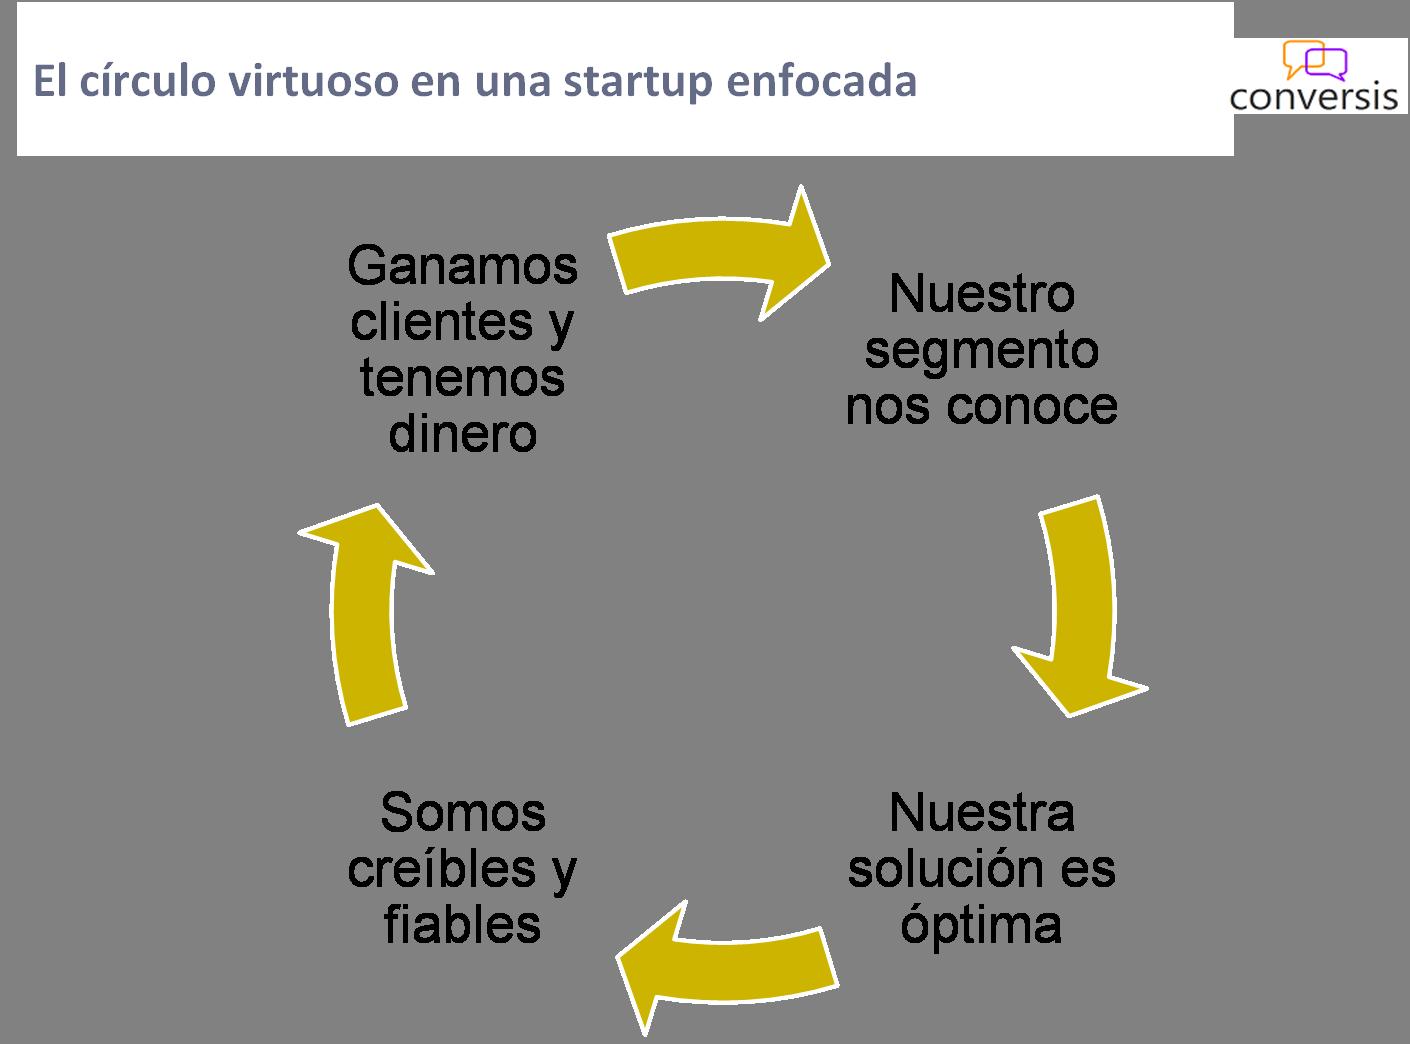 El círculo virtuoso en una startup enfocada